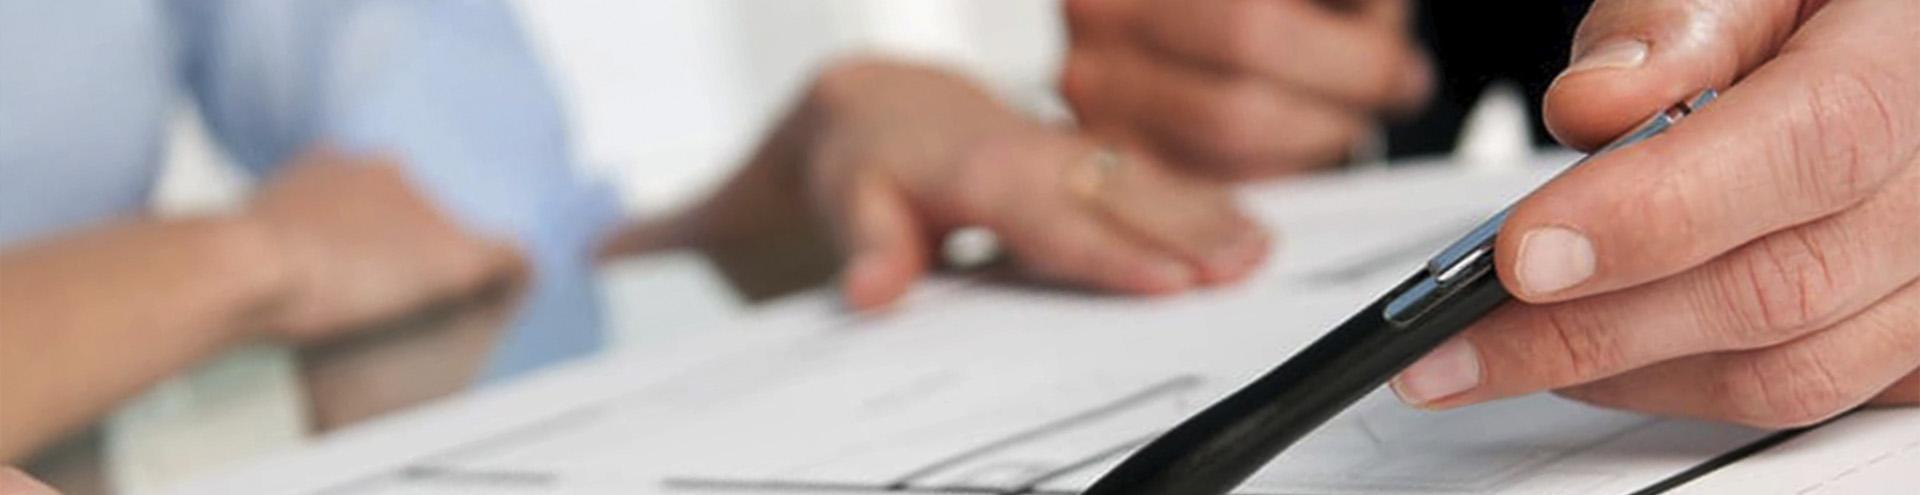 реструктуризация долга по кредиту в Владимире и Владимирской области